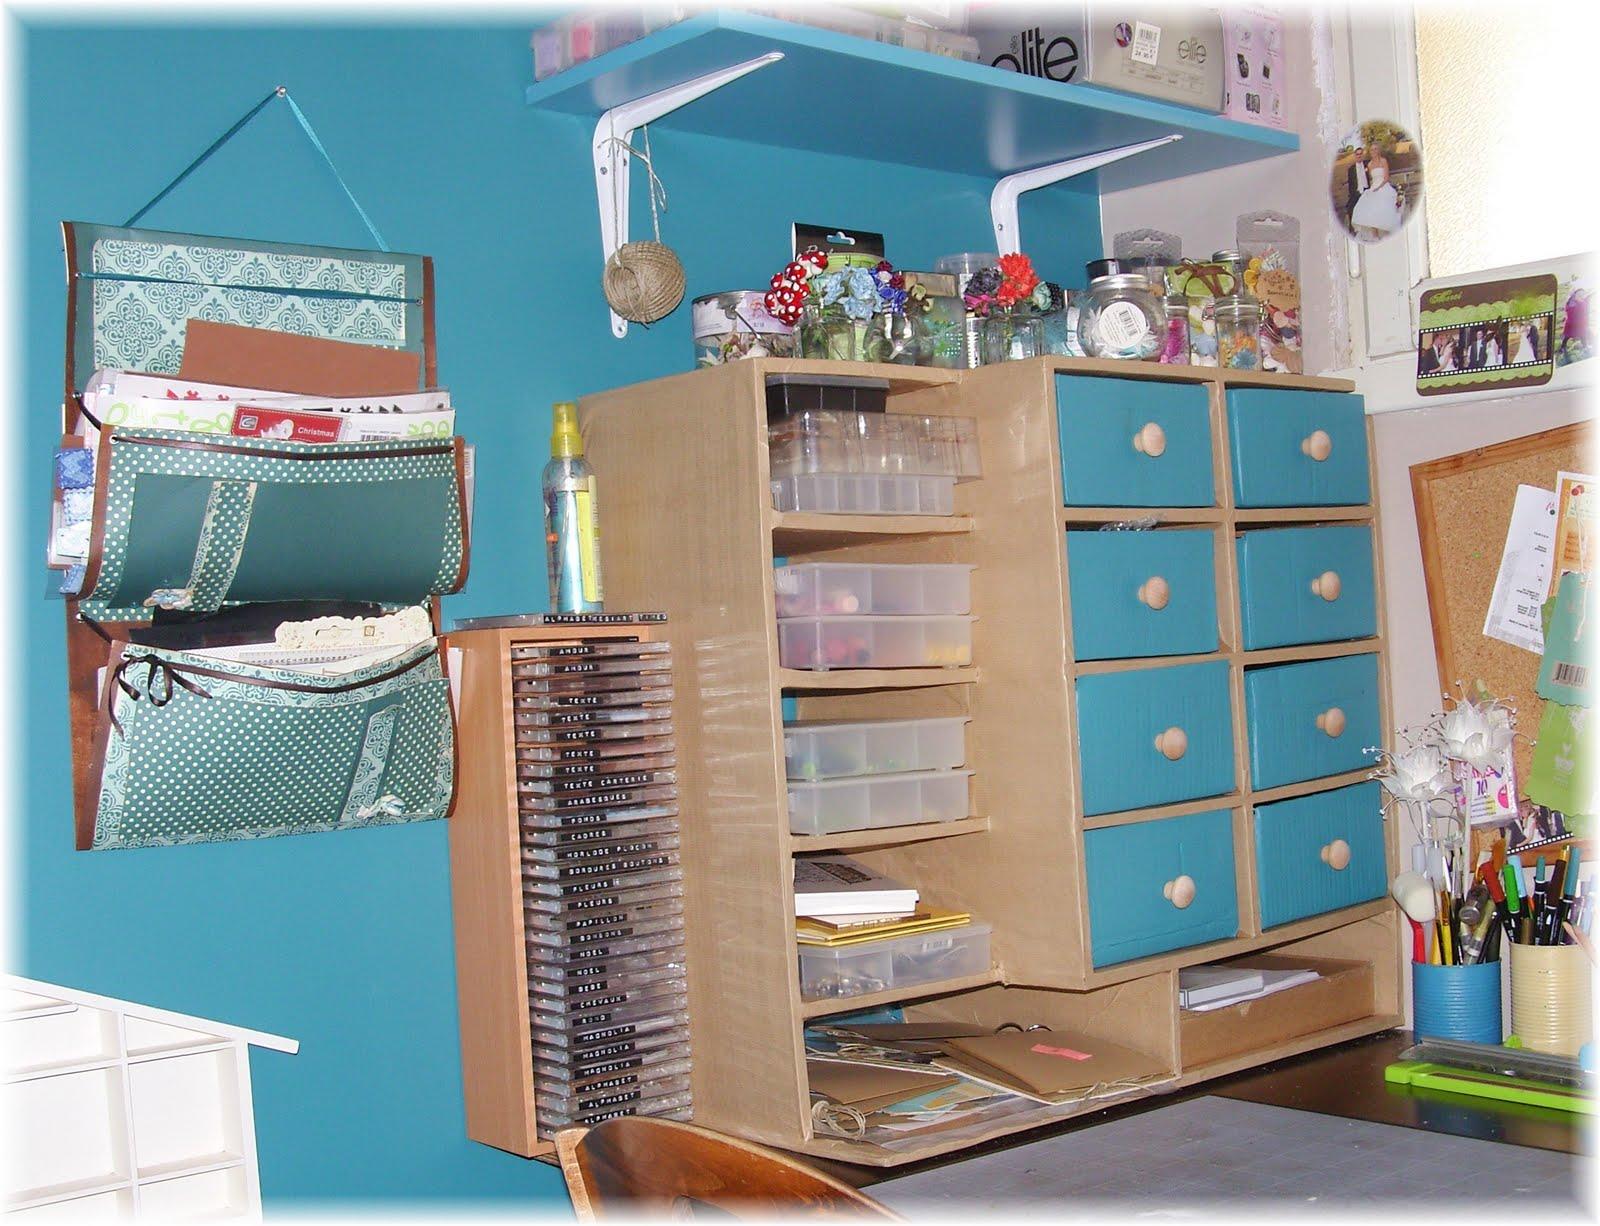 Meuble en carton jujumatth creation for Creation meuble carton